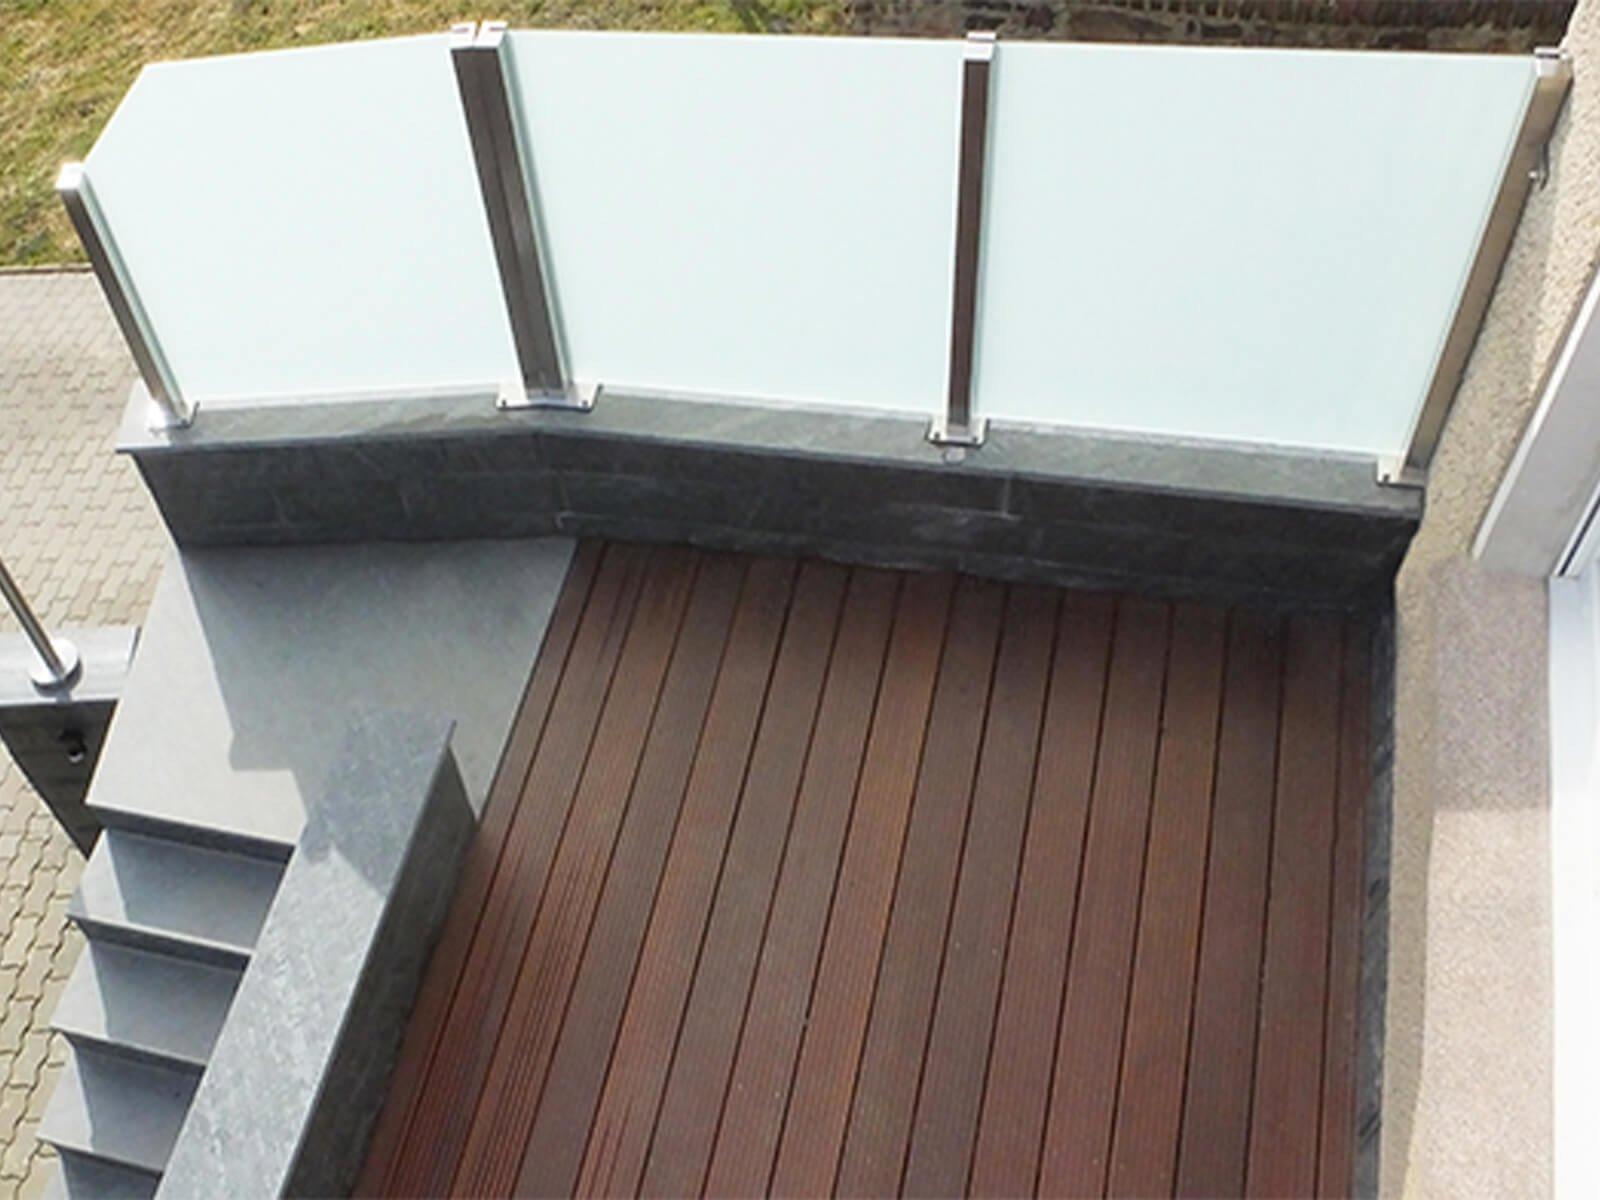 Glaszaun Wind- und Sichtschutz optima für jeden Aussenbereich